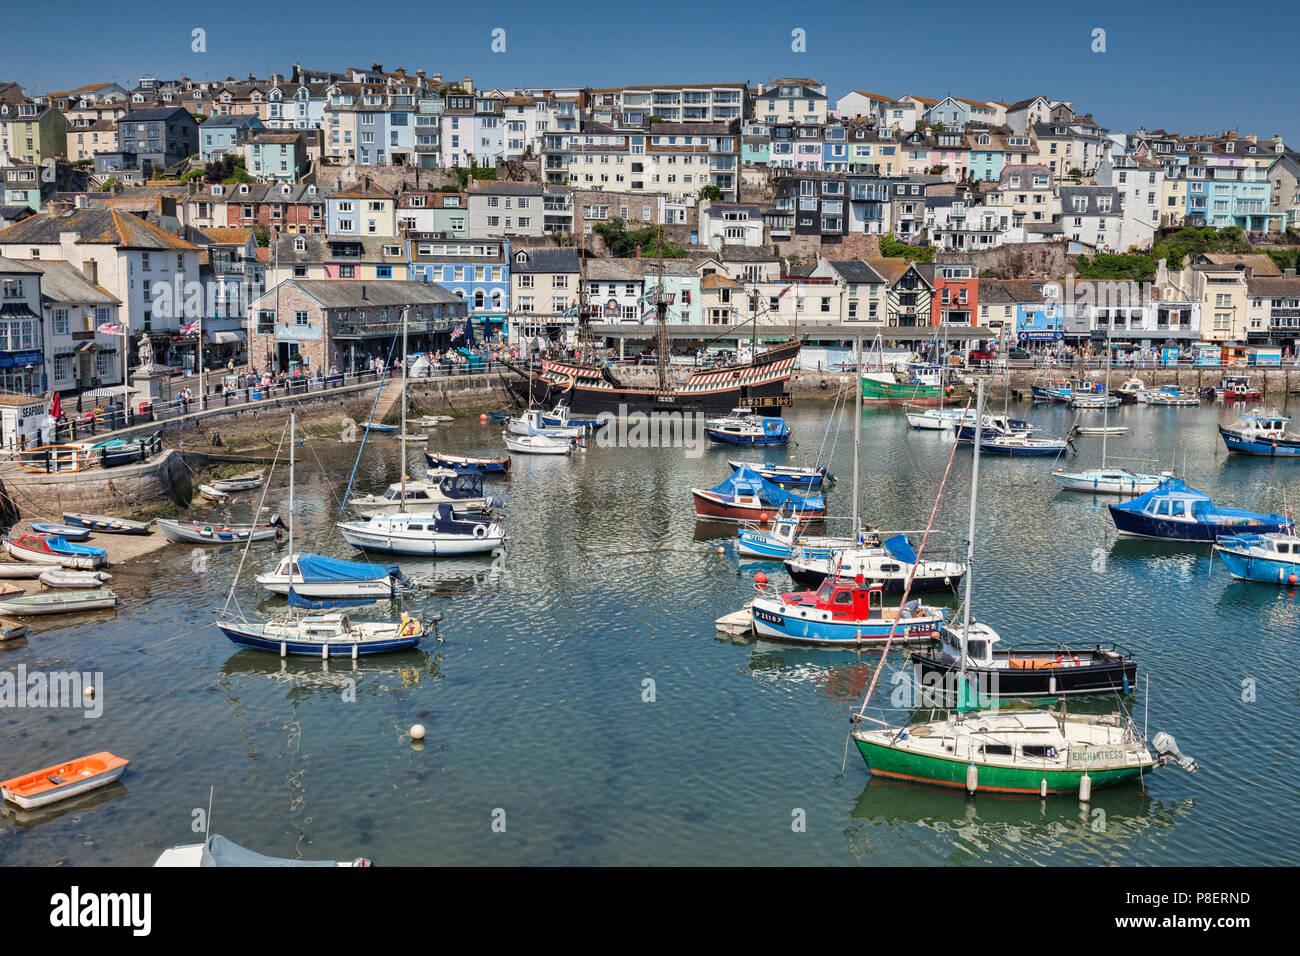 23 de mayo de 2018: Brixham, Devon, Reino Unido - El puerto con la réplica Golden Hind en un espléndido día de primavera con el cielo azul claro. Imagen De Stock